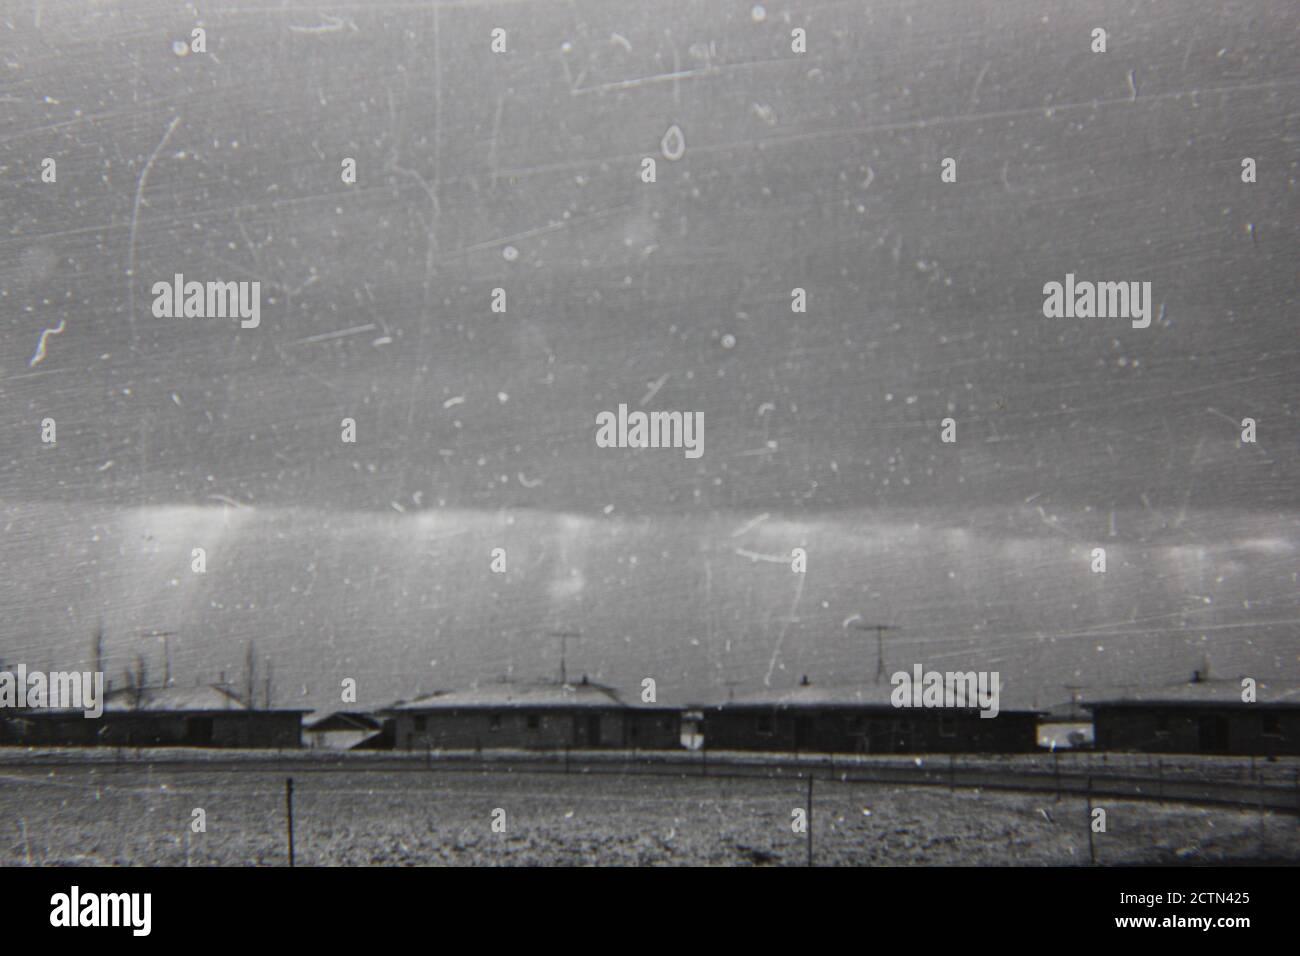 Schöne Schwarz-Weiß-Fotografie aus den 1970er Jahren einer Wohnsiedlung in den ländlichen Vororten. Stockfoto